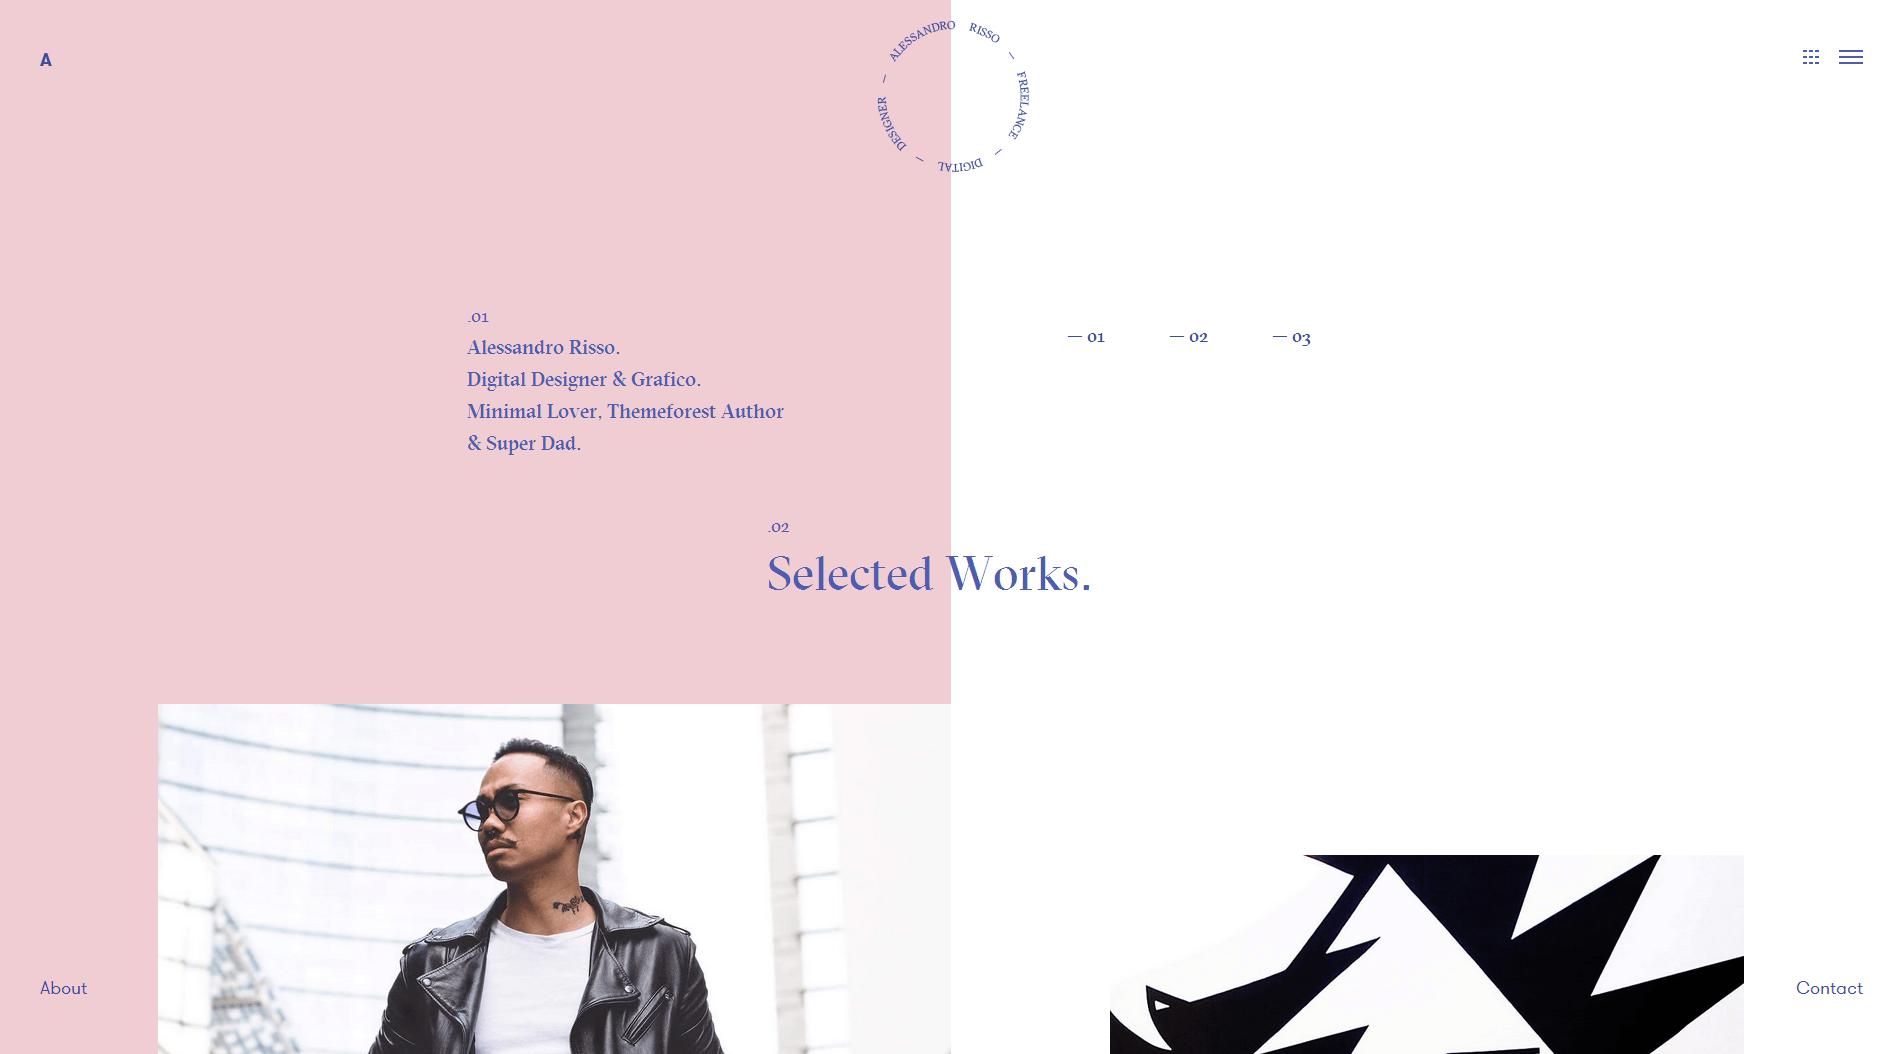 个人网页设计欣赏(优秀设计案例)